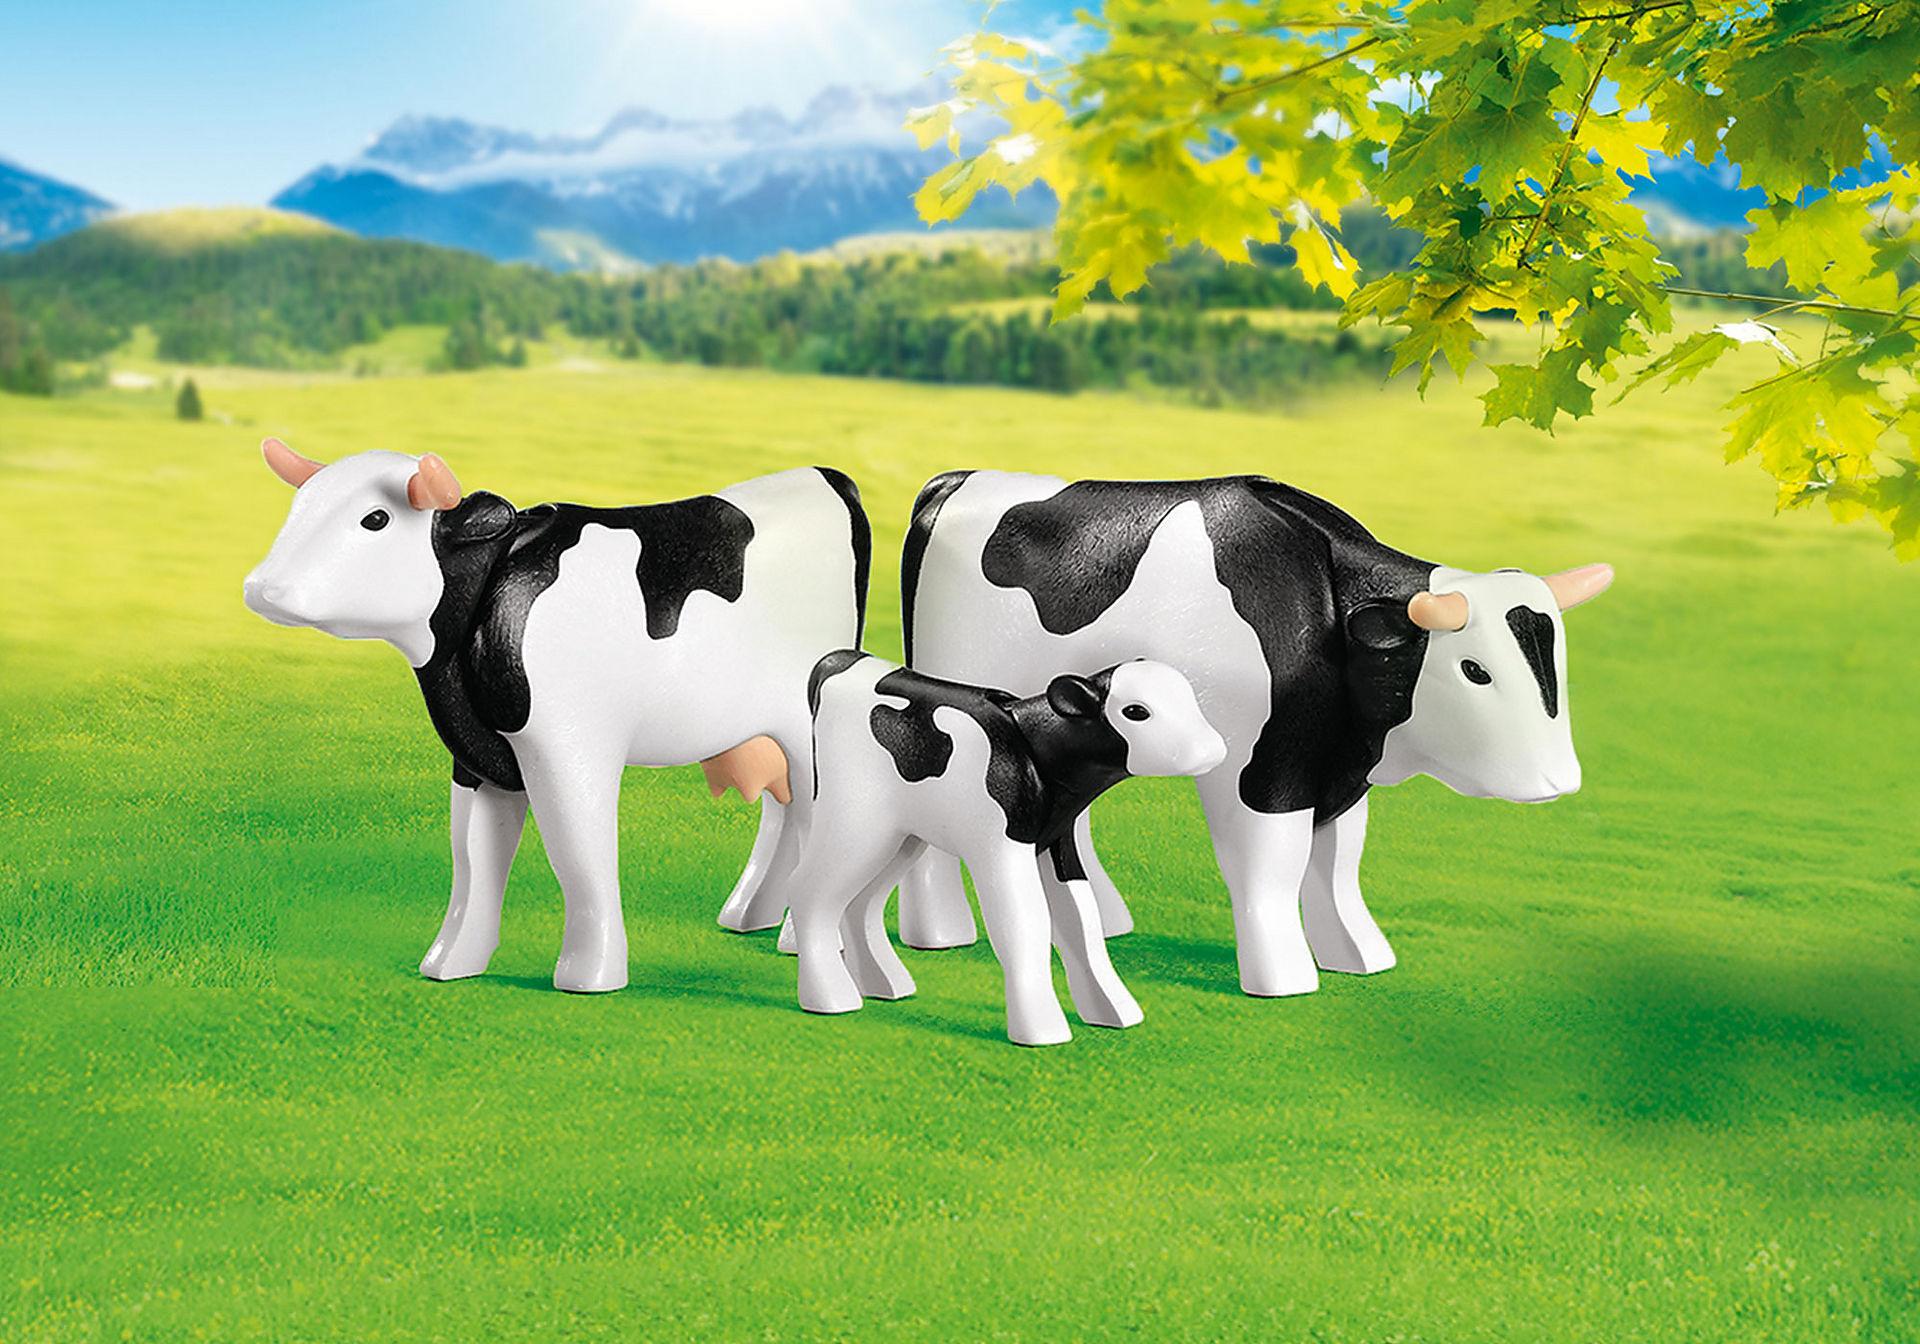 7892 2 Zwarte koeien met kalfje zoom image1